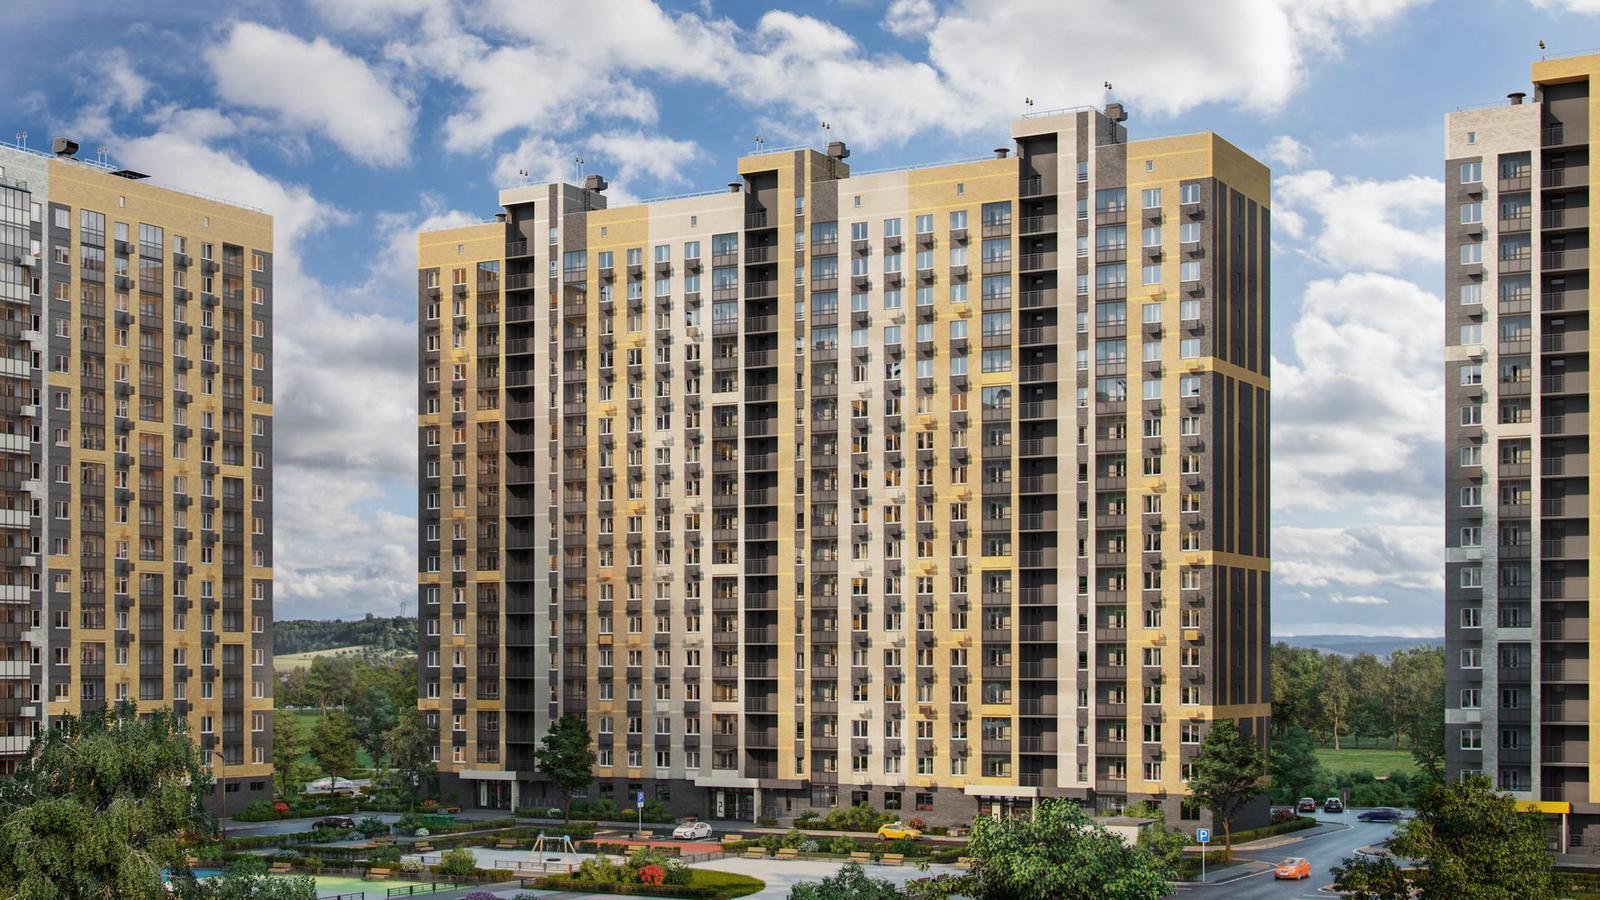 Продаётся 1-комнатная квартира в новостройке 38.1 кв.м. этаж 9/17 за 3 673 552 руб